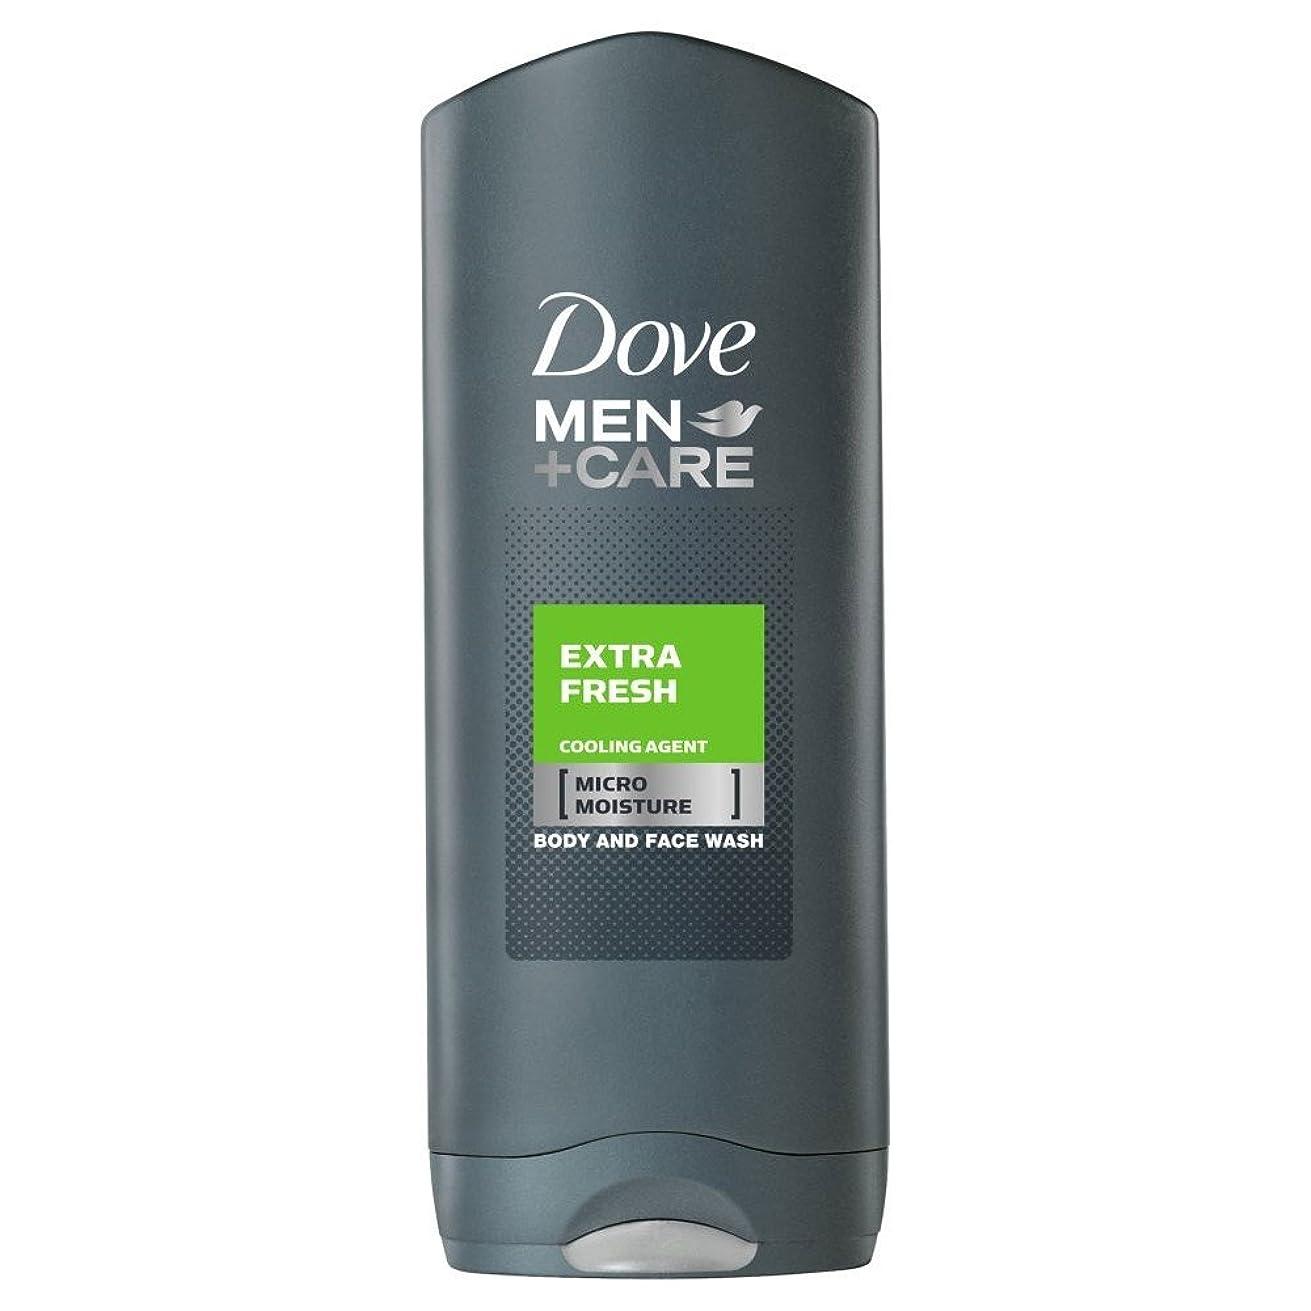 嫌がるカップル心配Dove Men + Care Body & Face Wash - Extra Fresh (250ml) 鳩の男性は+ボディと洗顔ケア - 余分な新鮮な( 250ミリリットル)を [並行輸入品]